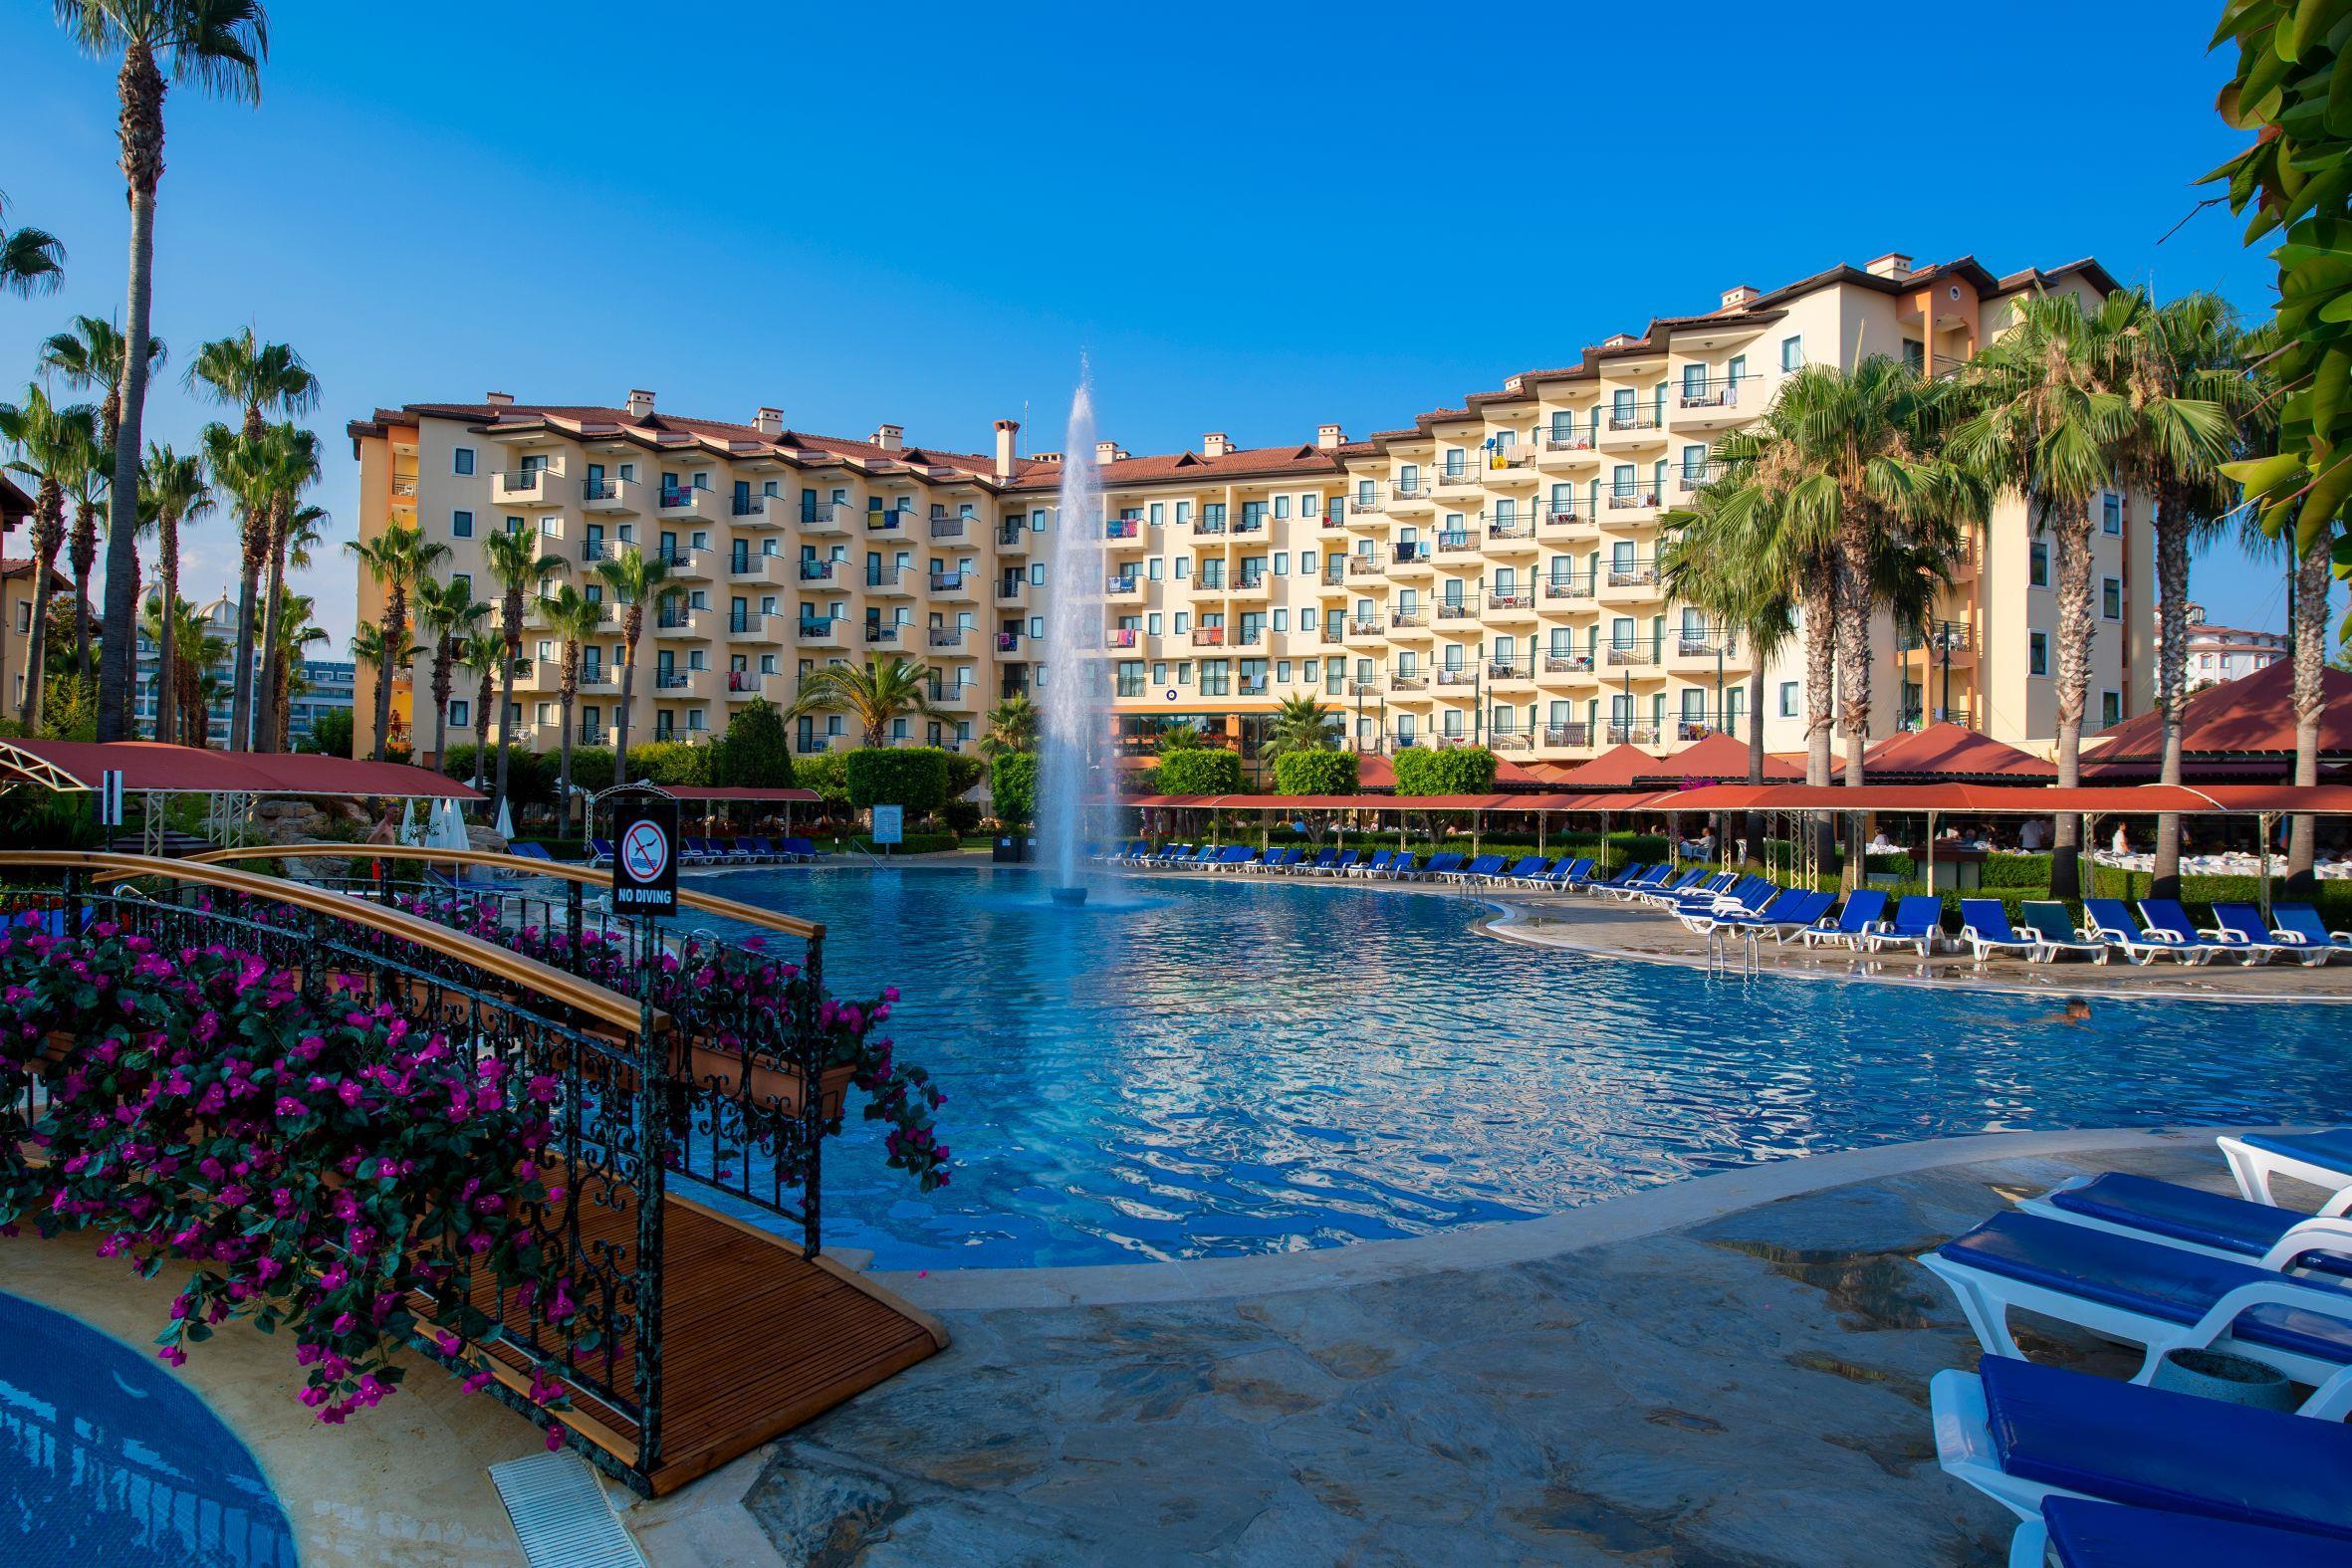 http://www.orextravel.sk/OREX/hotelphotos/miramare-queen-hotel-general-0050.jpg